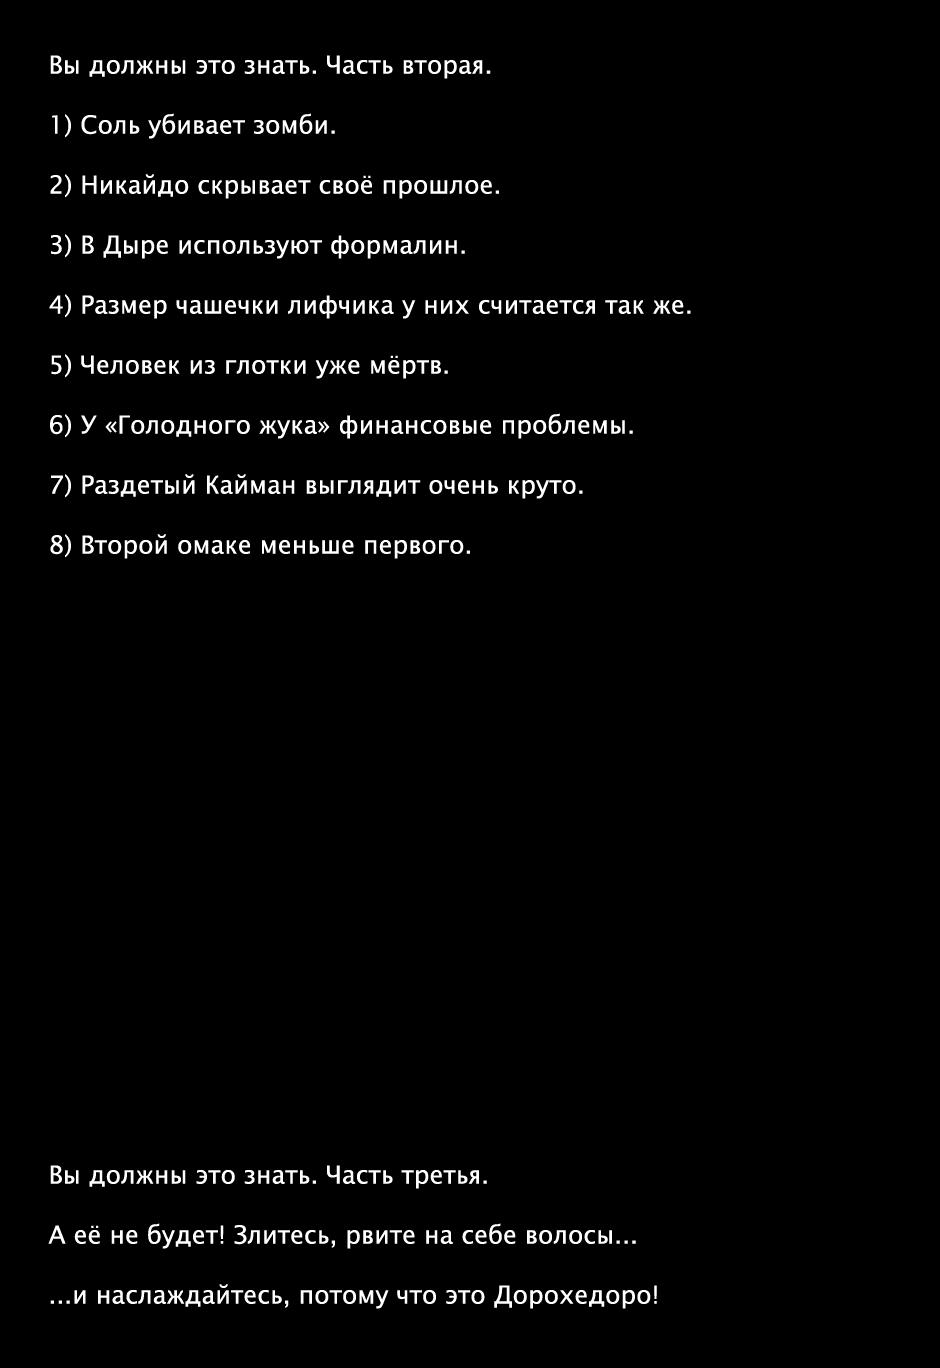 Манга Дорохедоро / Dorohedoro - Том 2 Страница 10